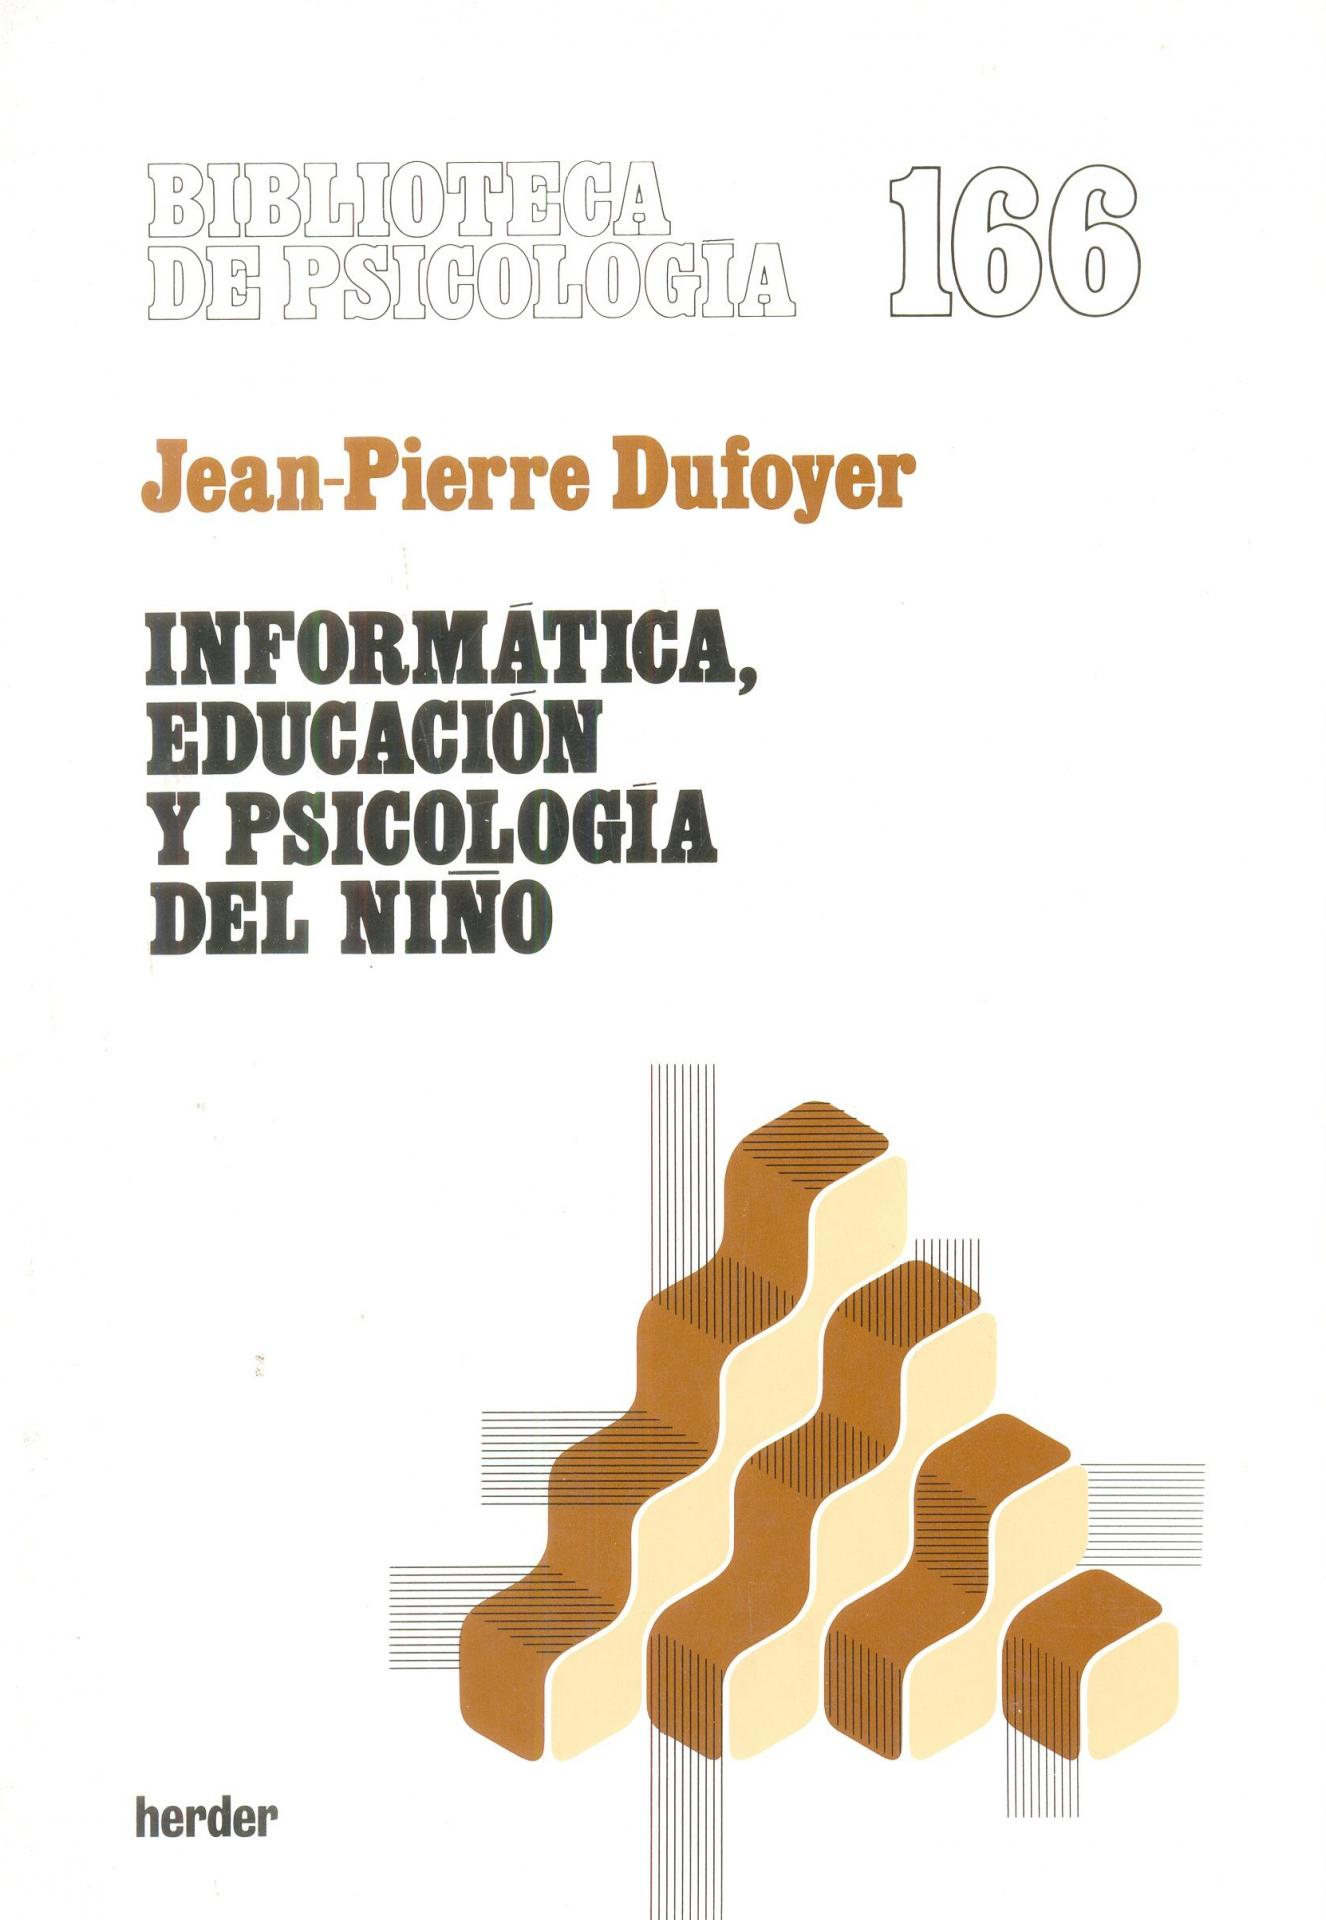 INFORMÁTICA, EDUCACIÓN Y PSICOLOGÍA DEL NIÑO. Dufoyer, J.P.